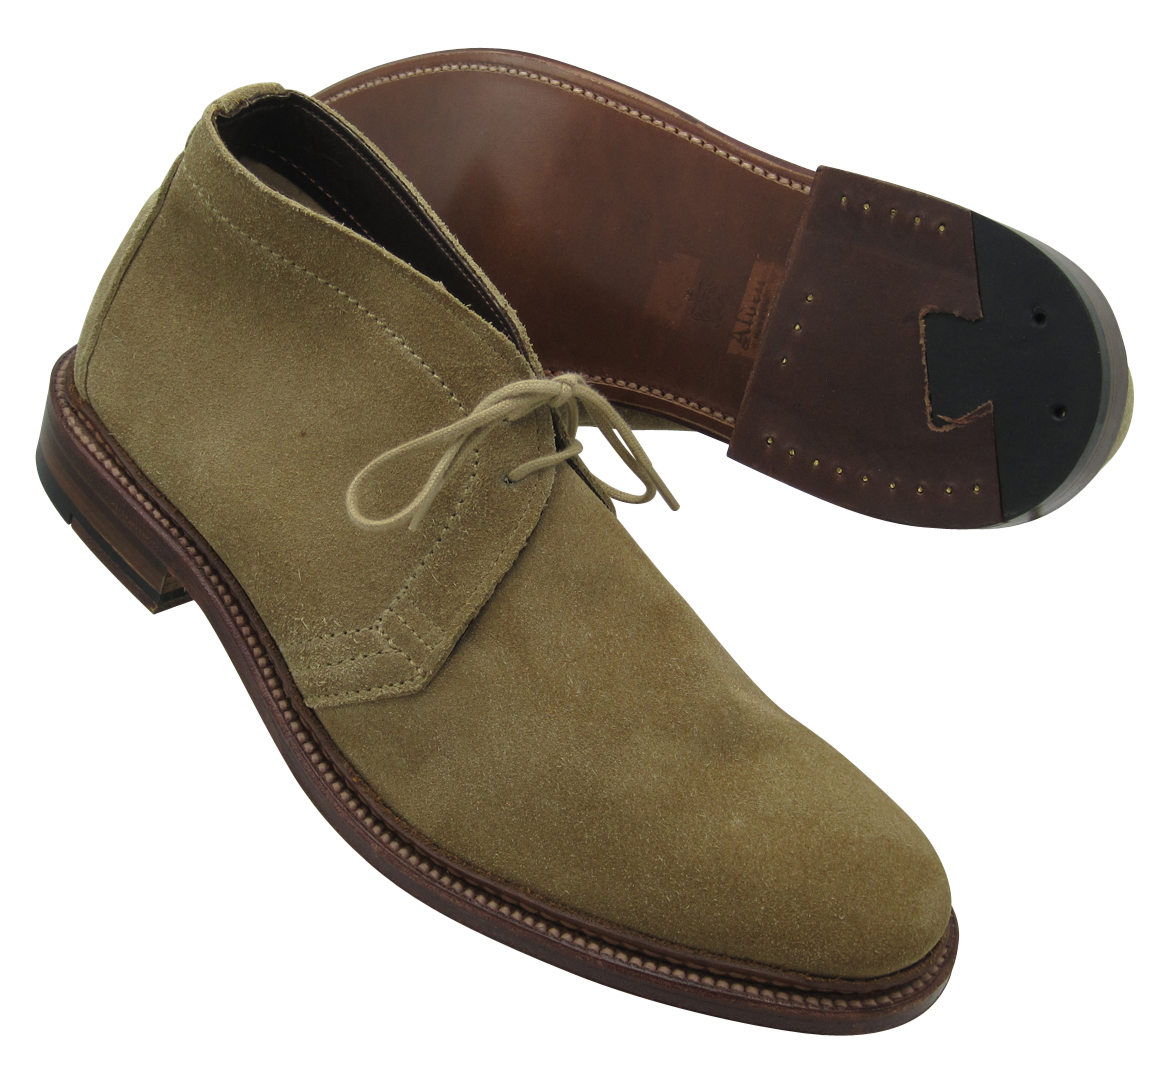 4e8b347ba1e Alden Unlined Chukka Boot Tan Suede #1494